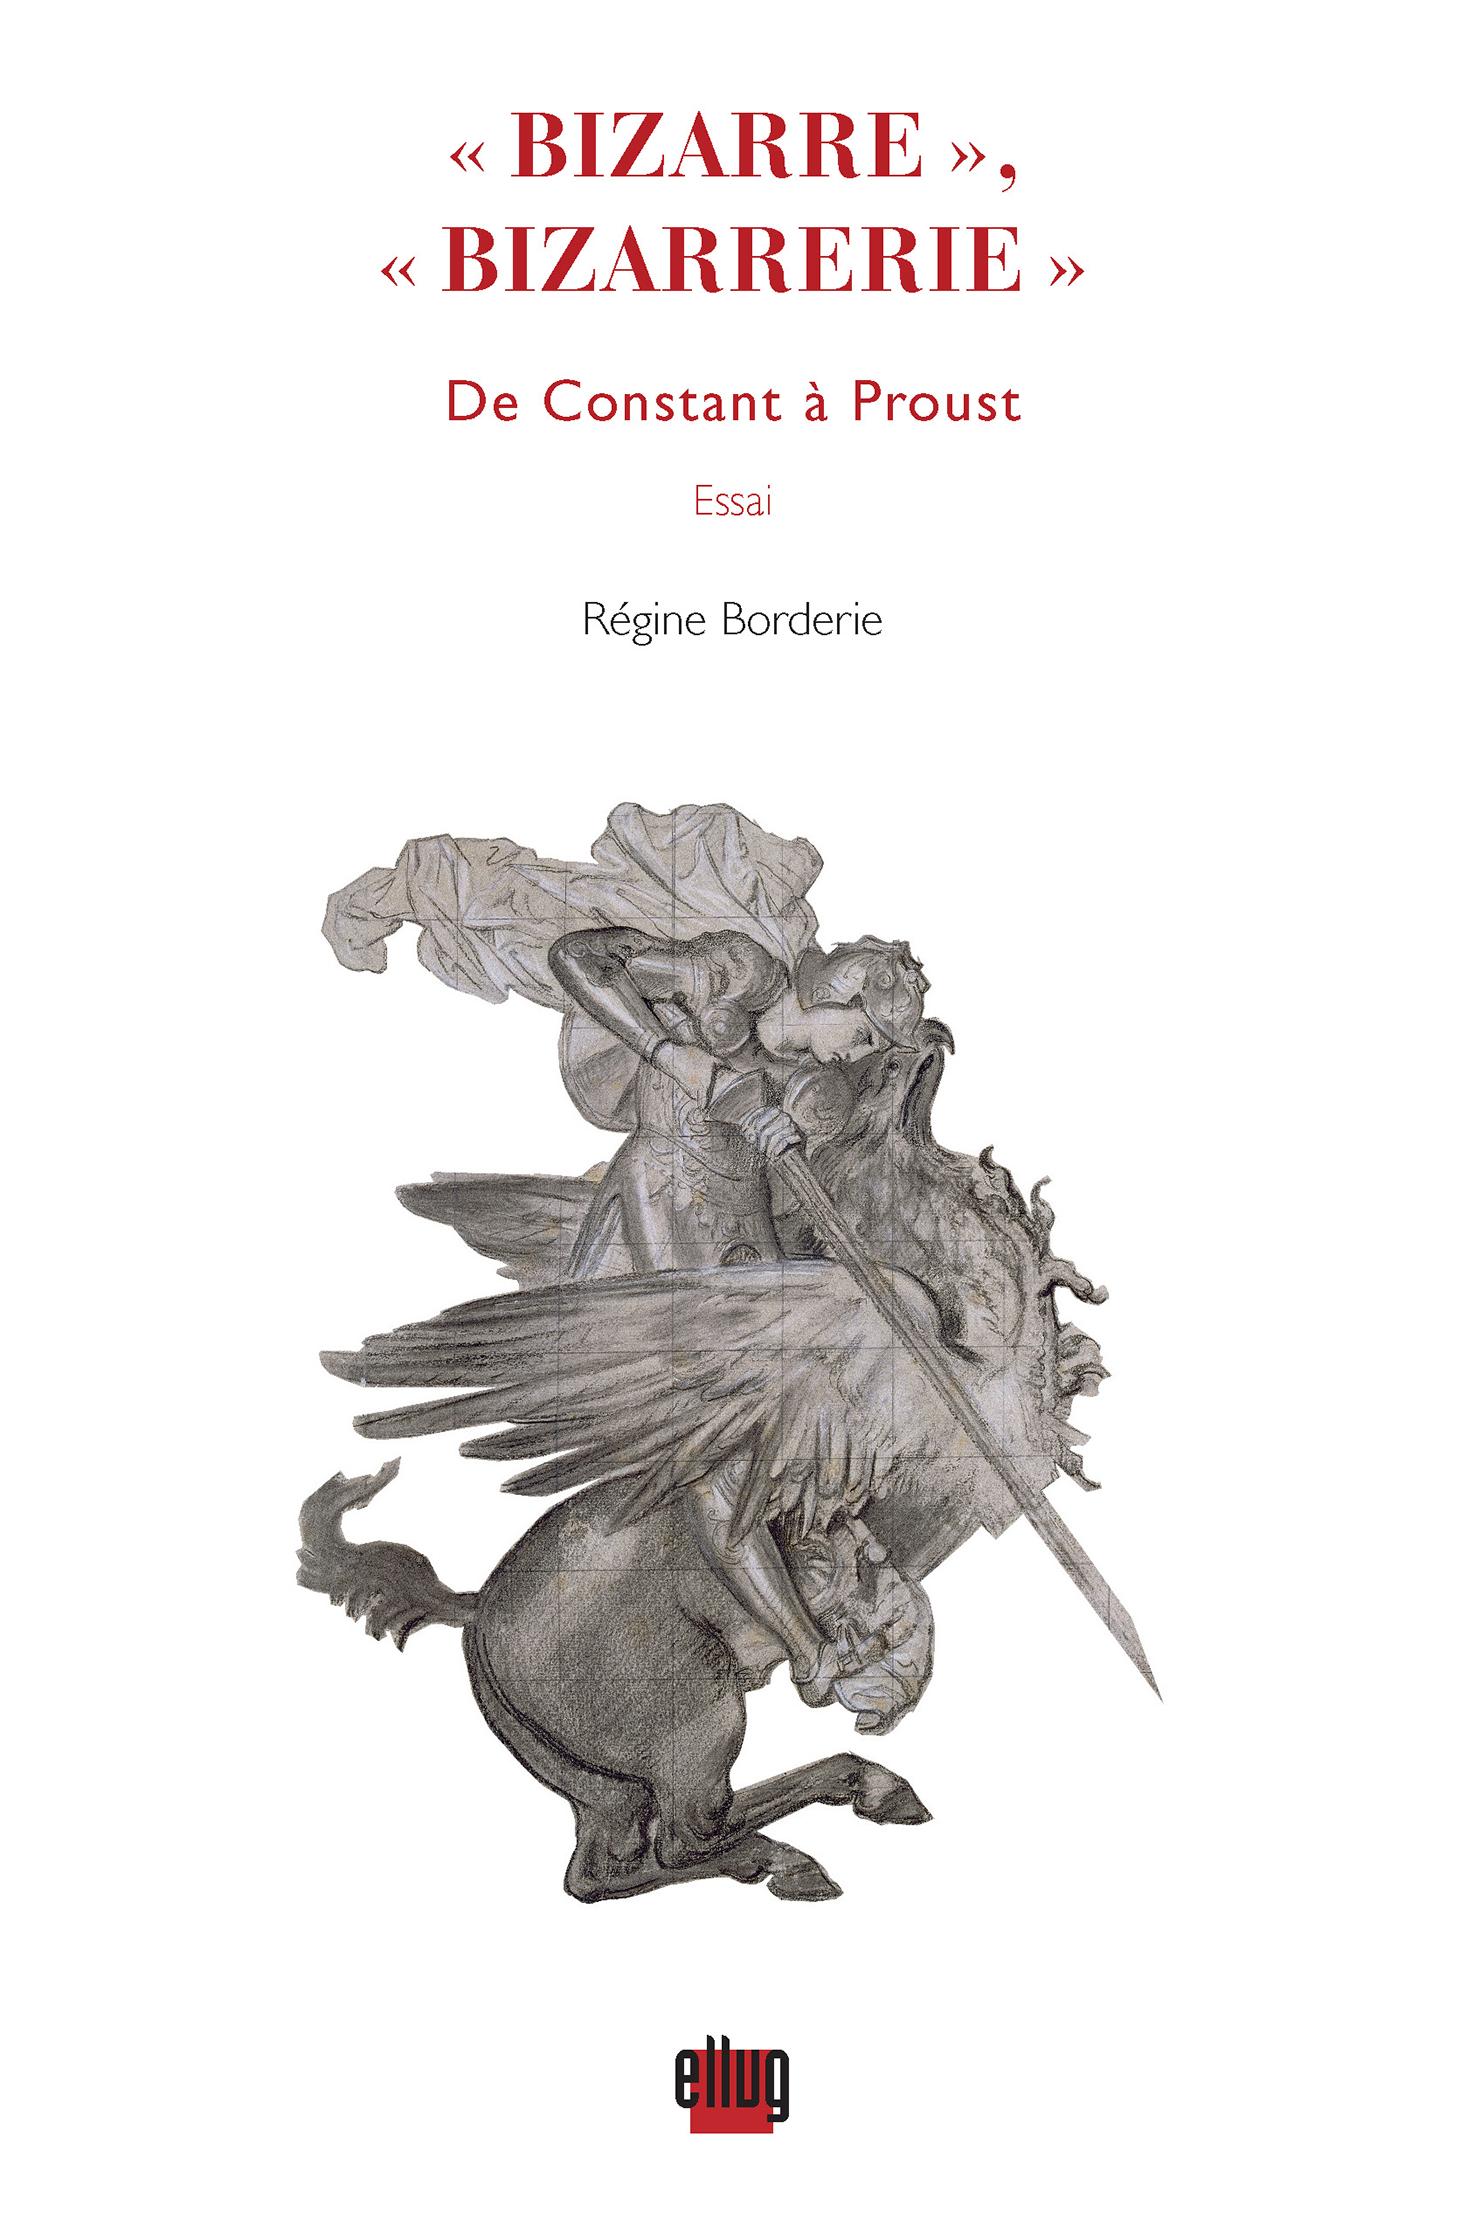 Couverture Bizarre de Constant à Proust